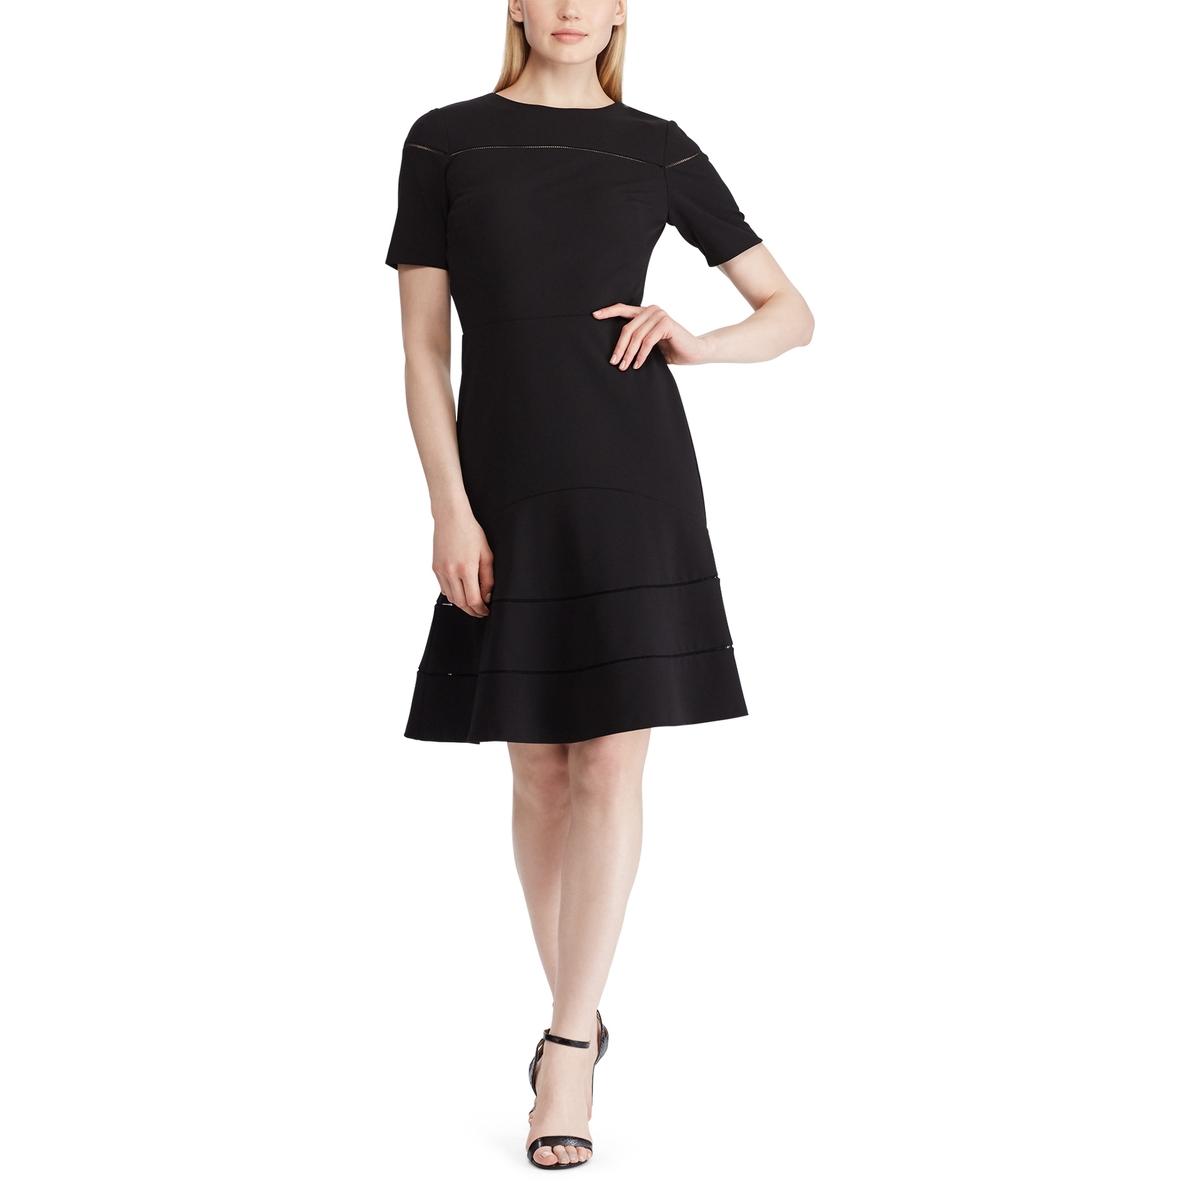 Платье La Redoute Расклешенное с короткими рукавами 40 (FR) - 46 (RUS) черный платье la redoute расклешенное с короткими рукавами с гипюром 42 fr 48 rus черный